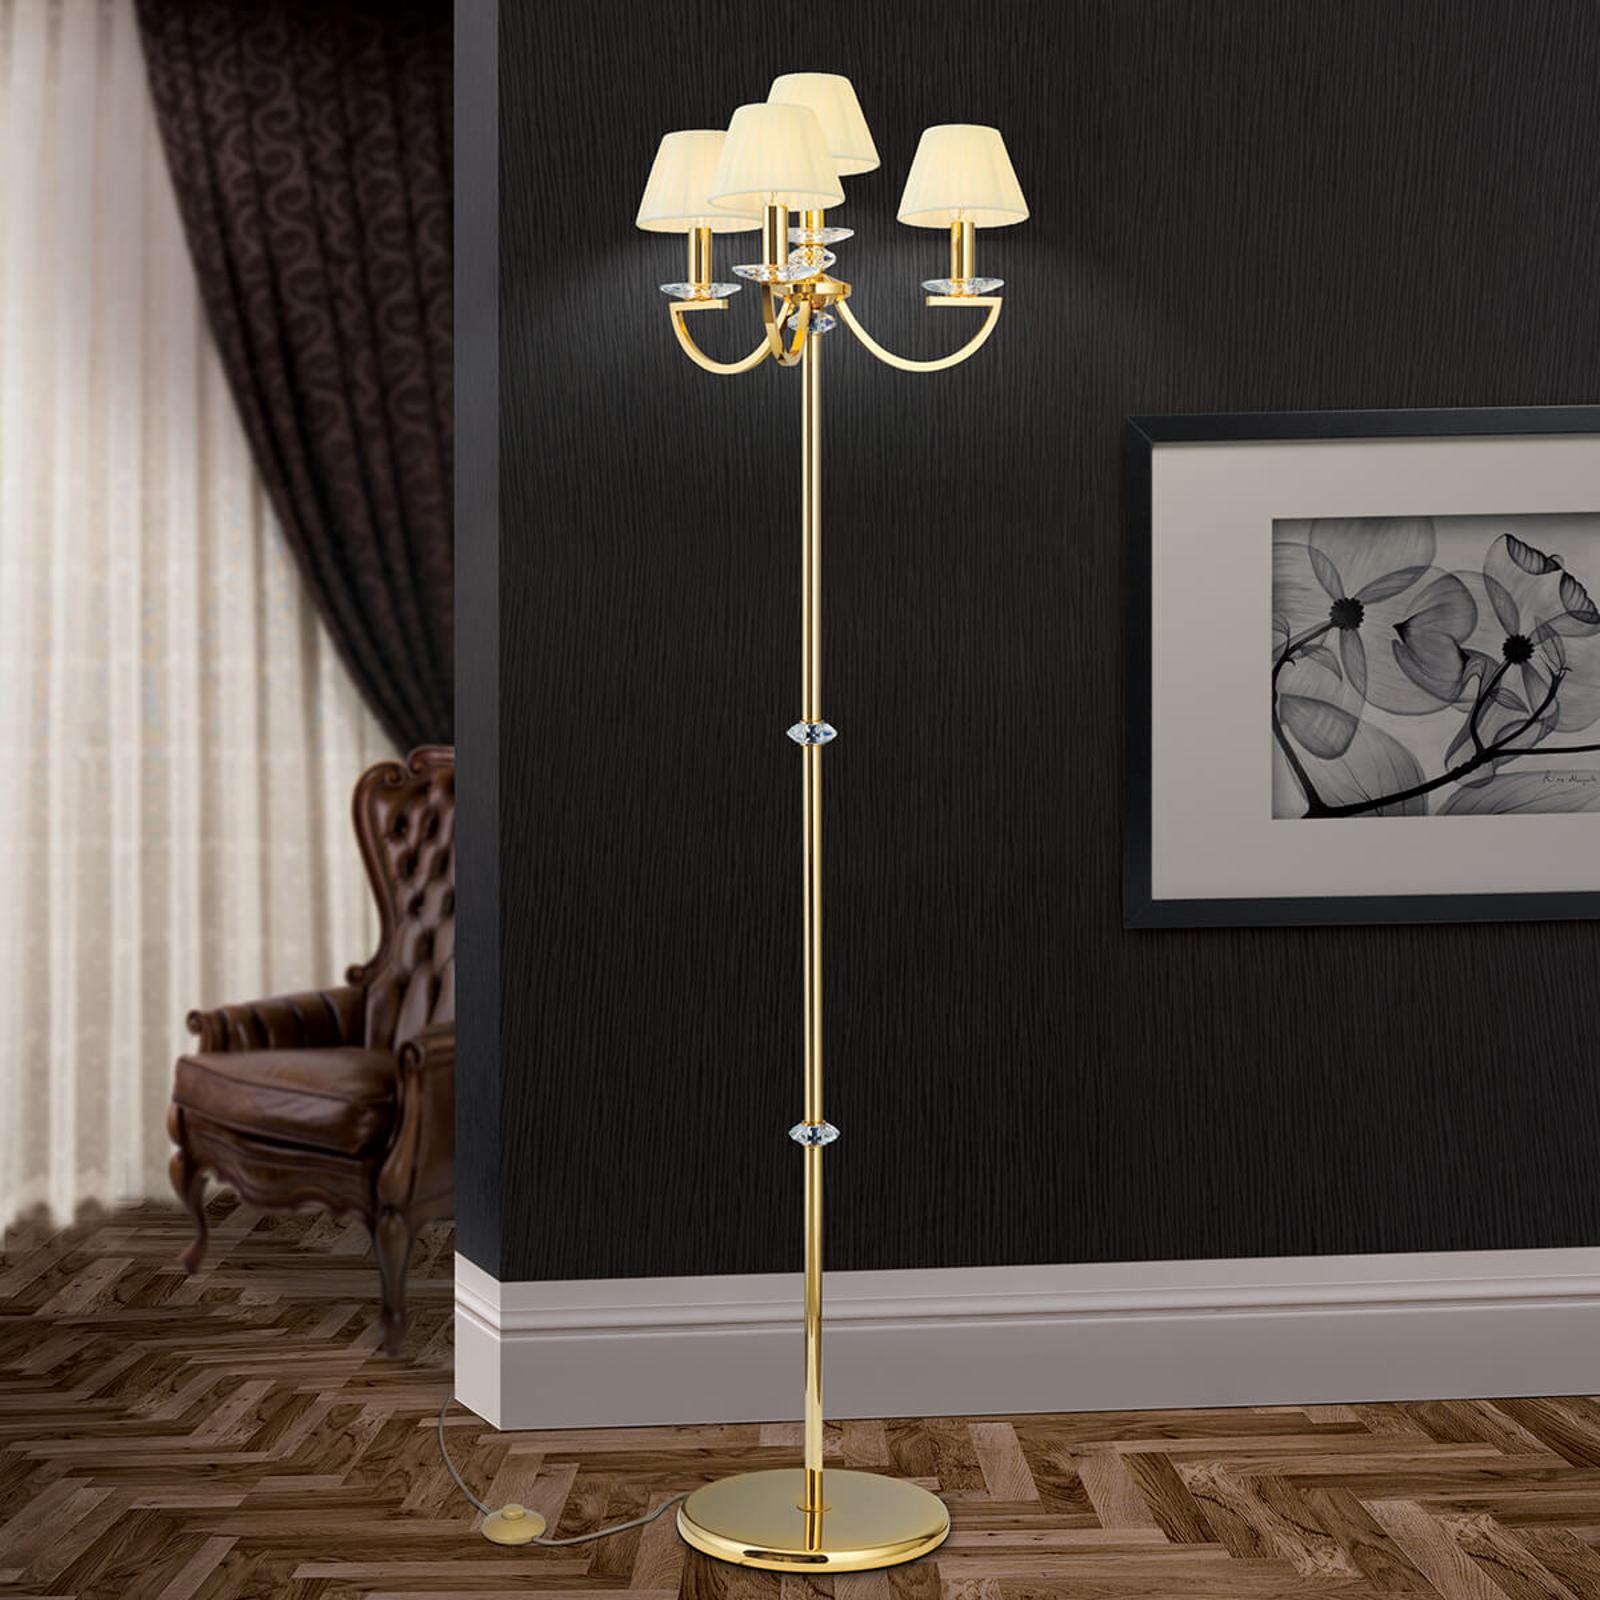 Kryształowa lampa stojąca Avala, złoto 24-karatowe